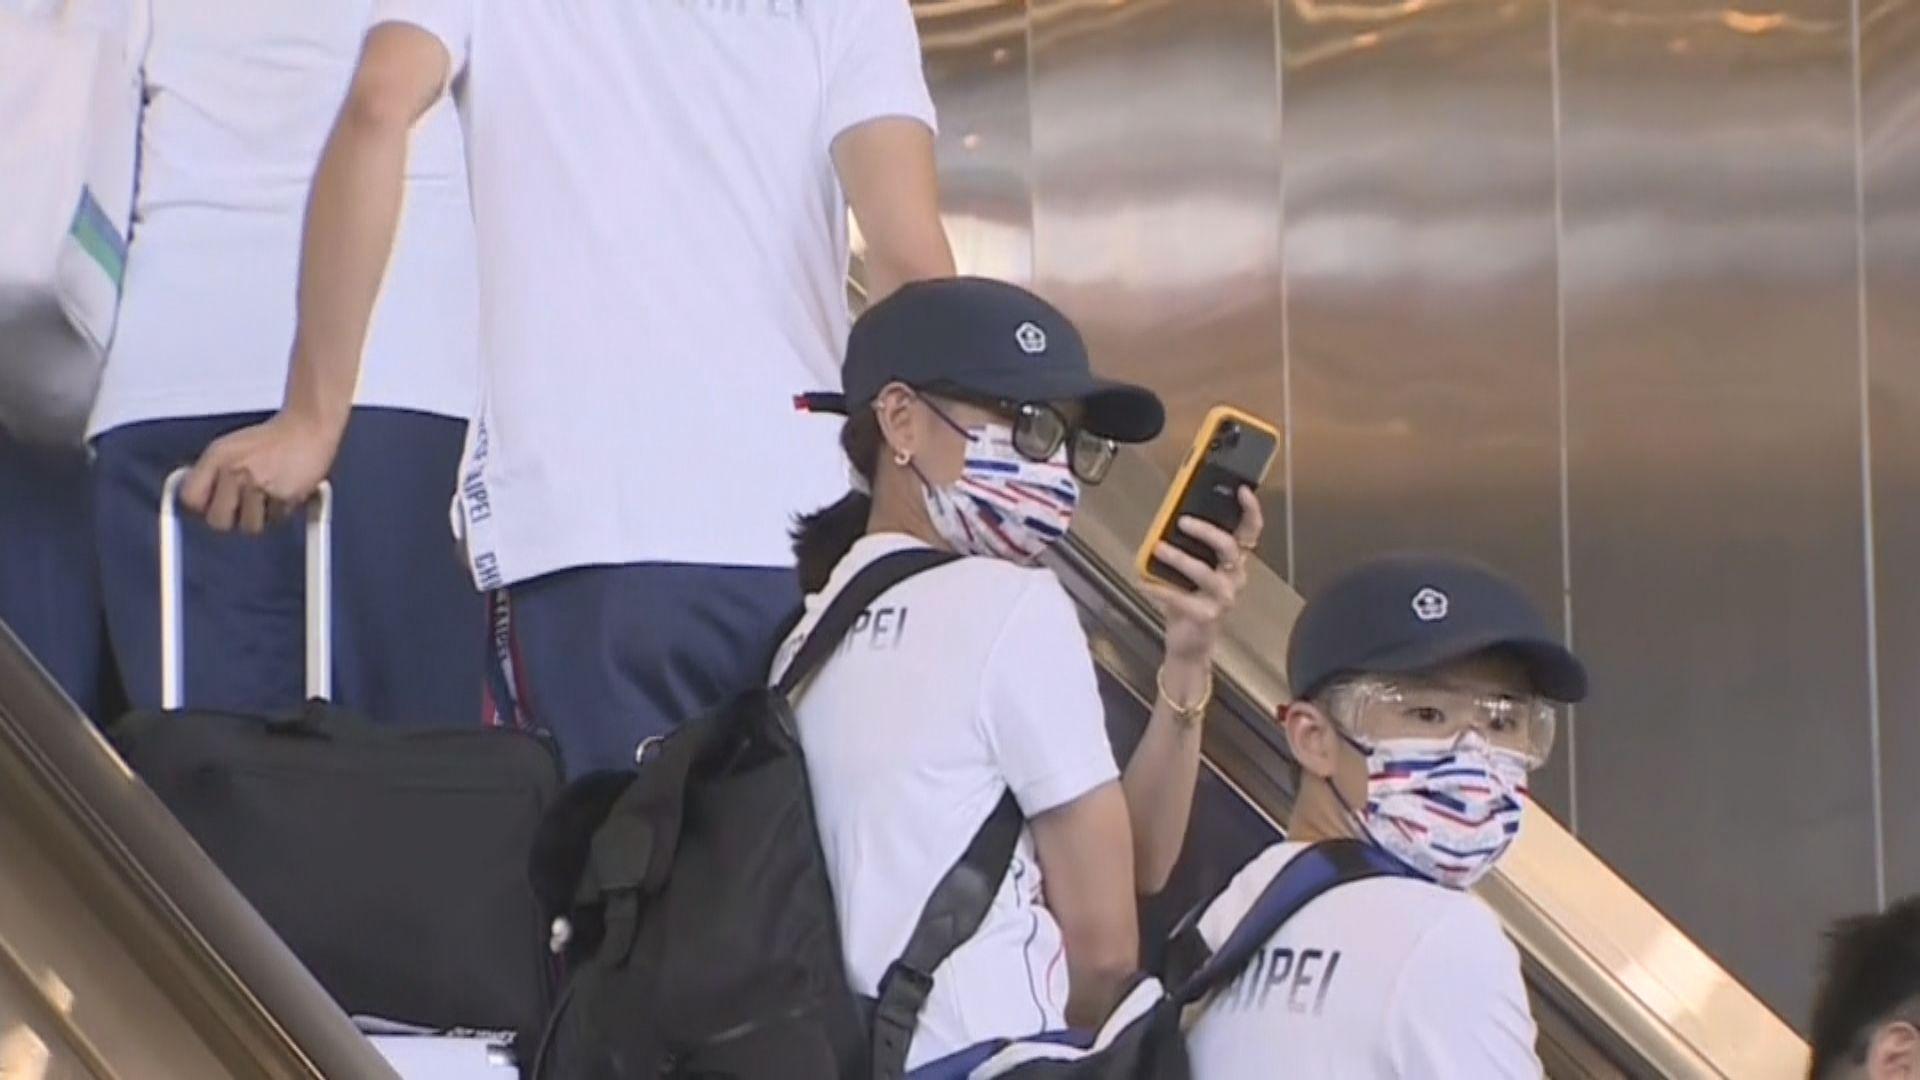 中華台北奧運選手坐經濟艙 官員坐商務艙引發批評